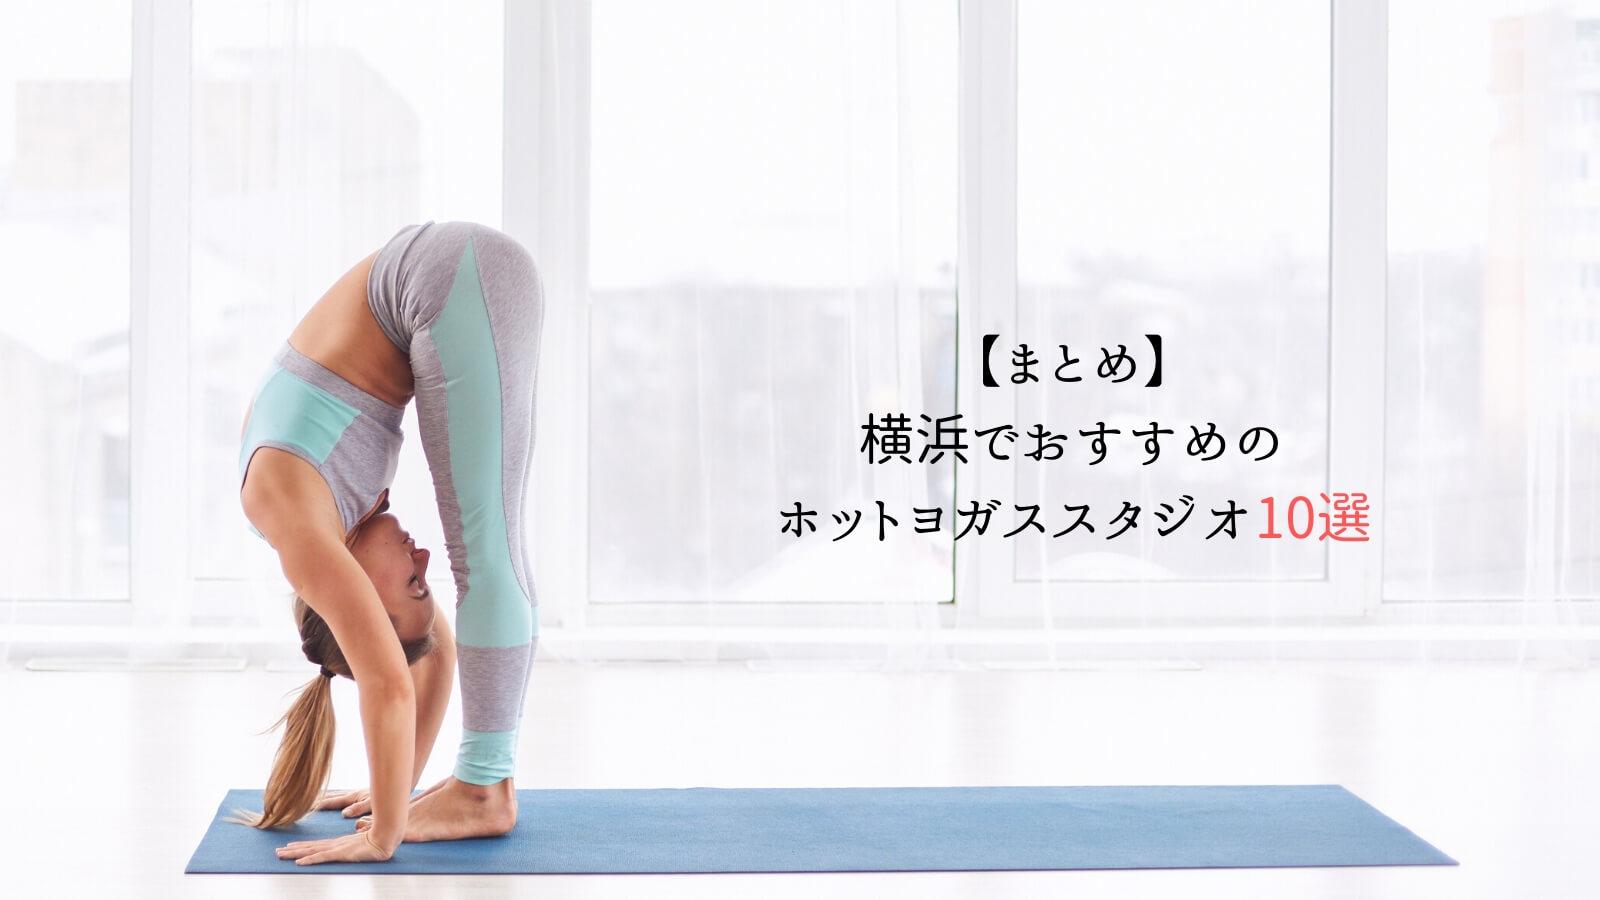 【まとめ】横浜でおすすめのホットヨガスタジオ10選